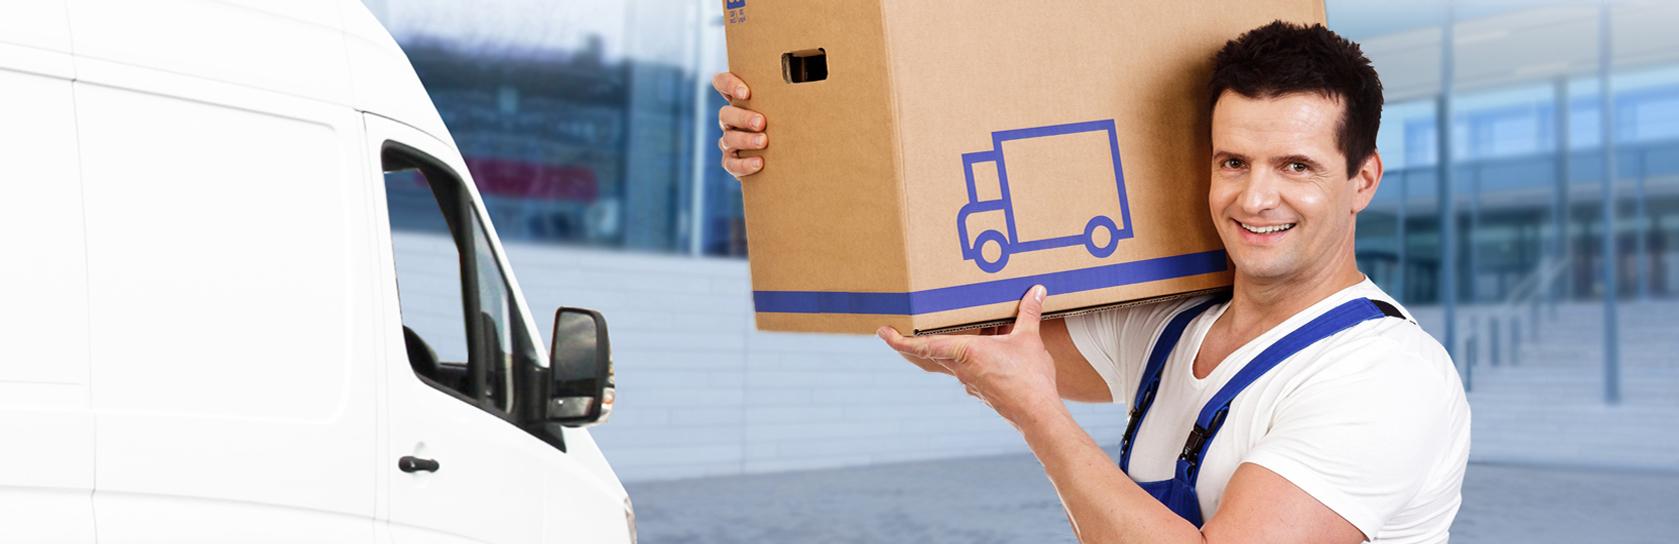 Deliveries Services